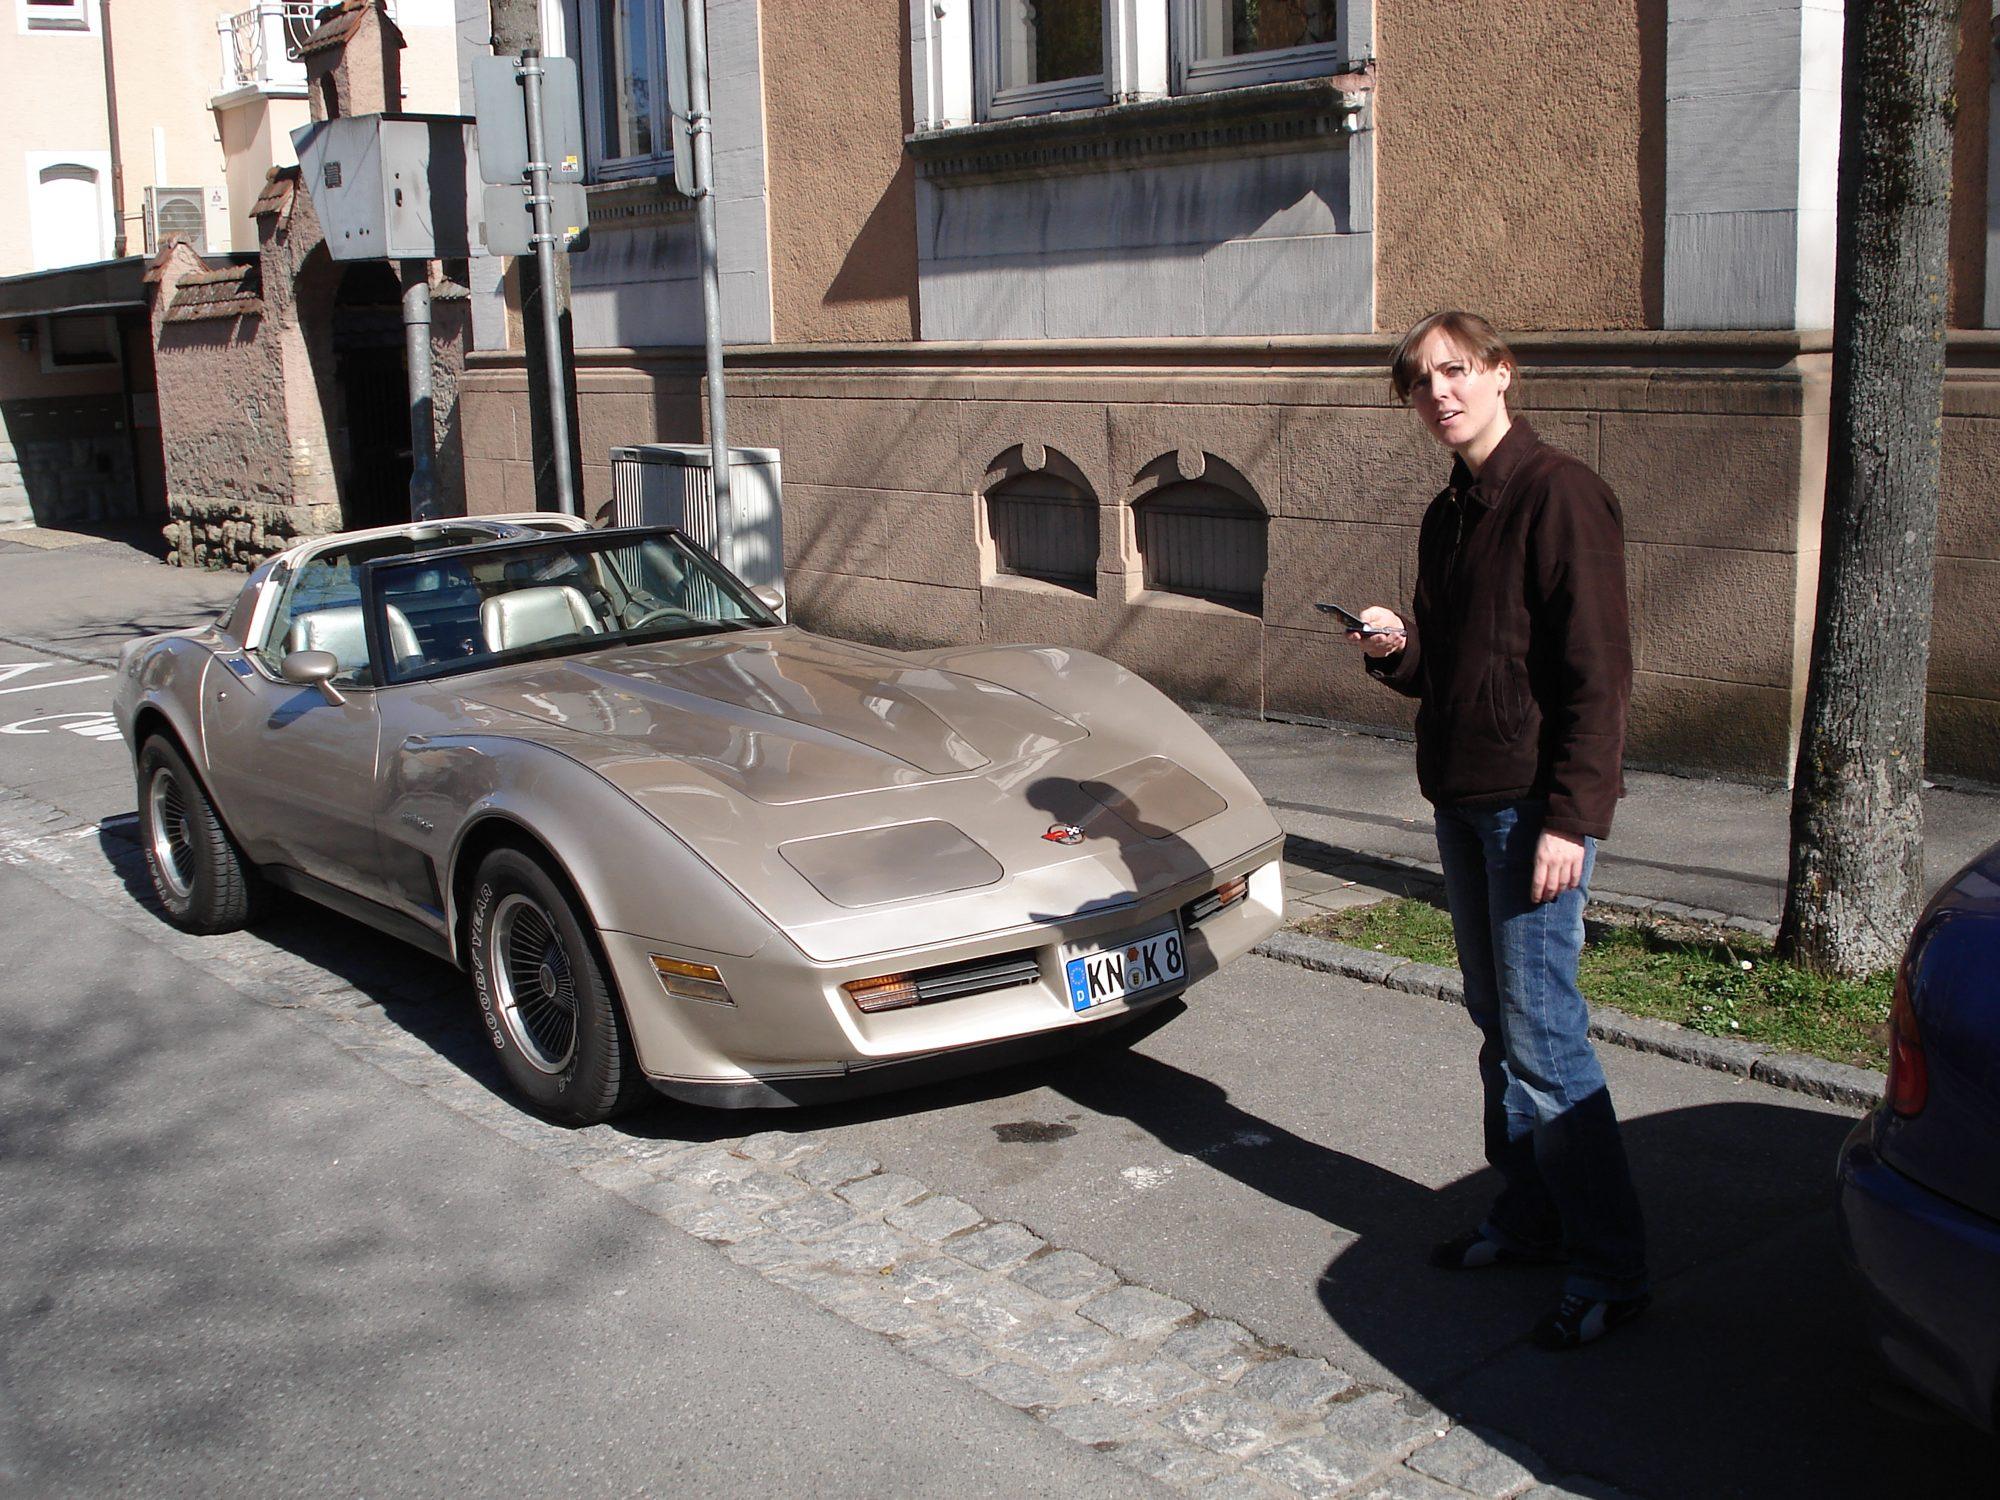 2007 - Bodenseeausflug. Corvette und Luisa.